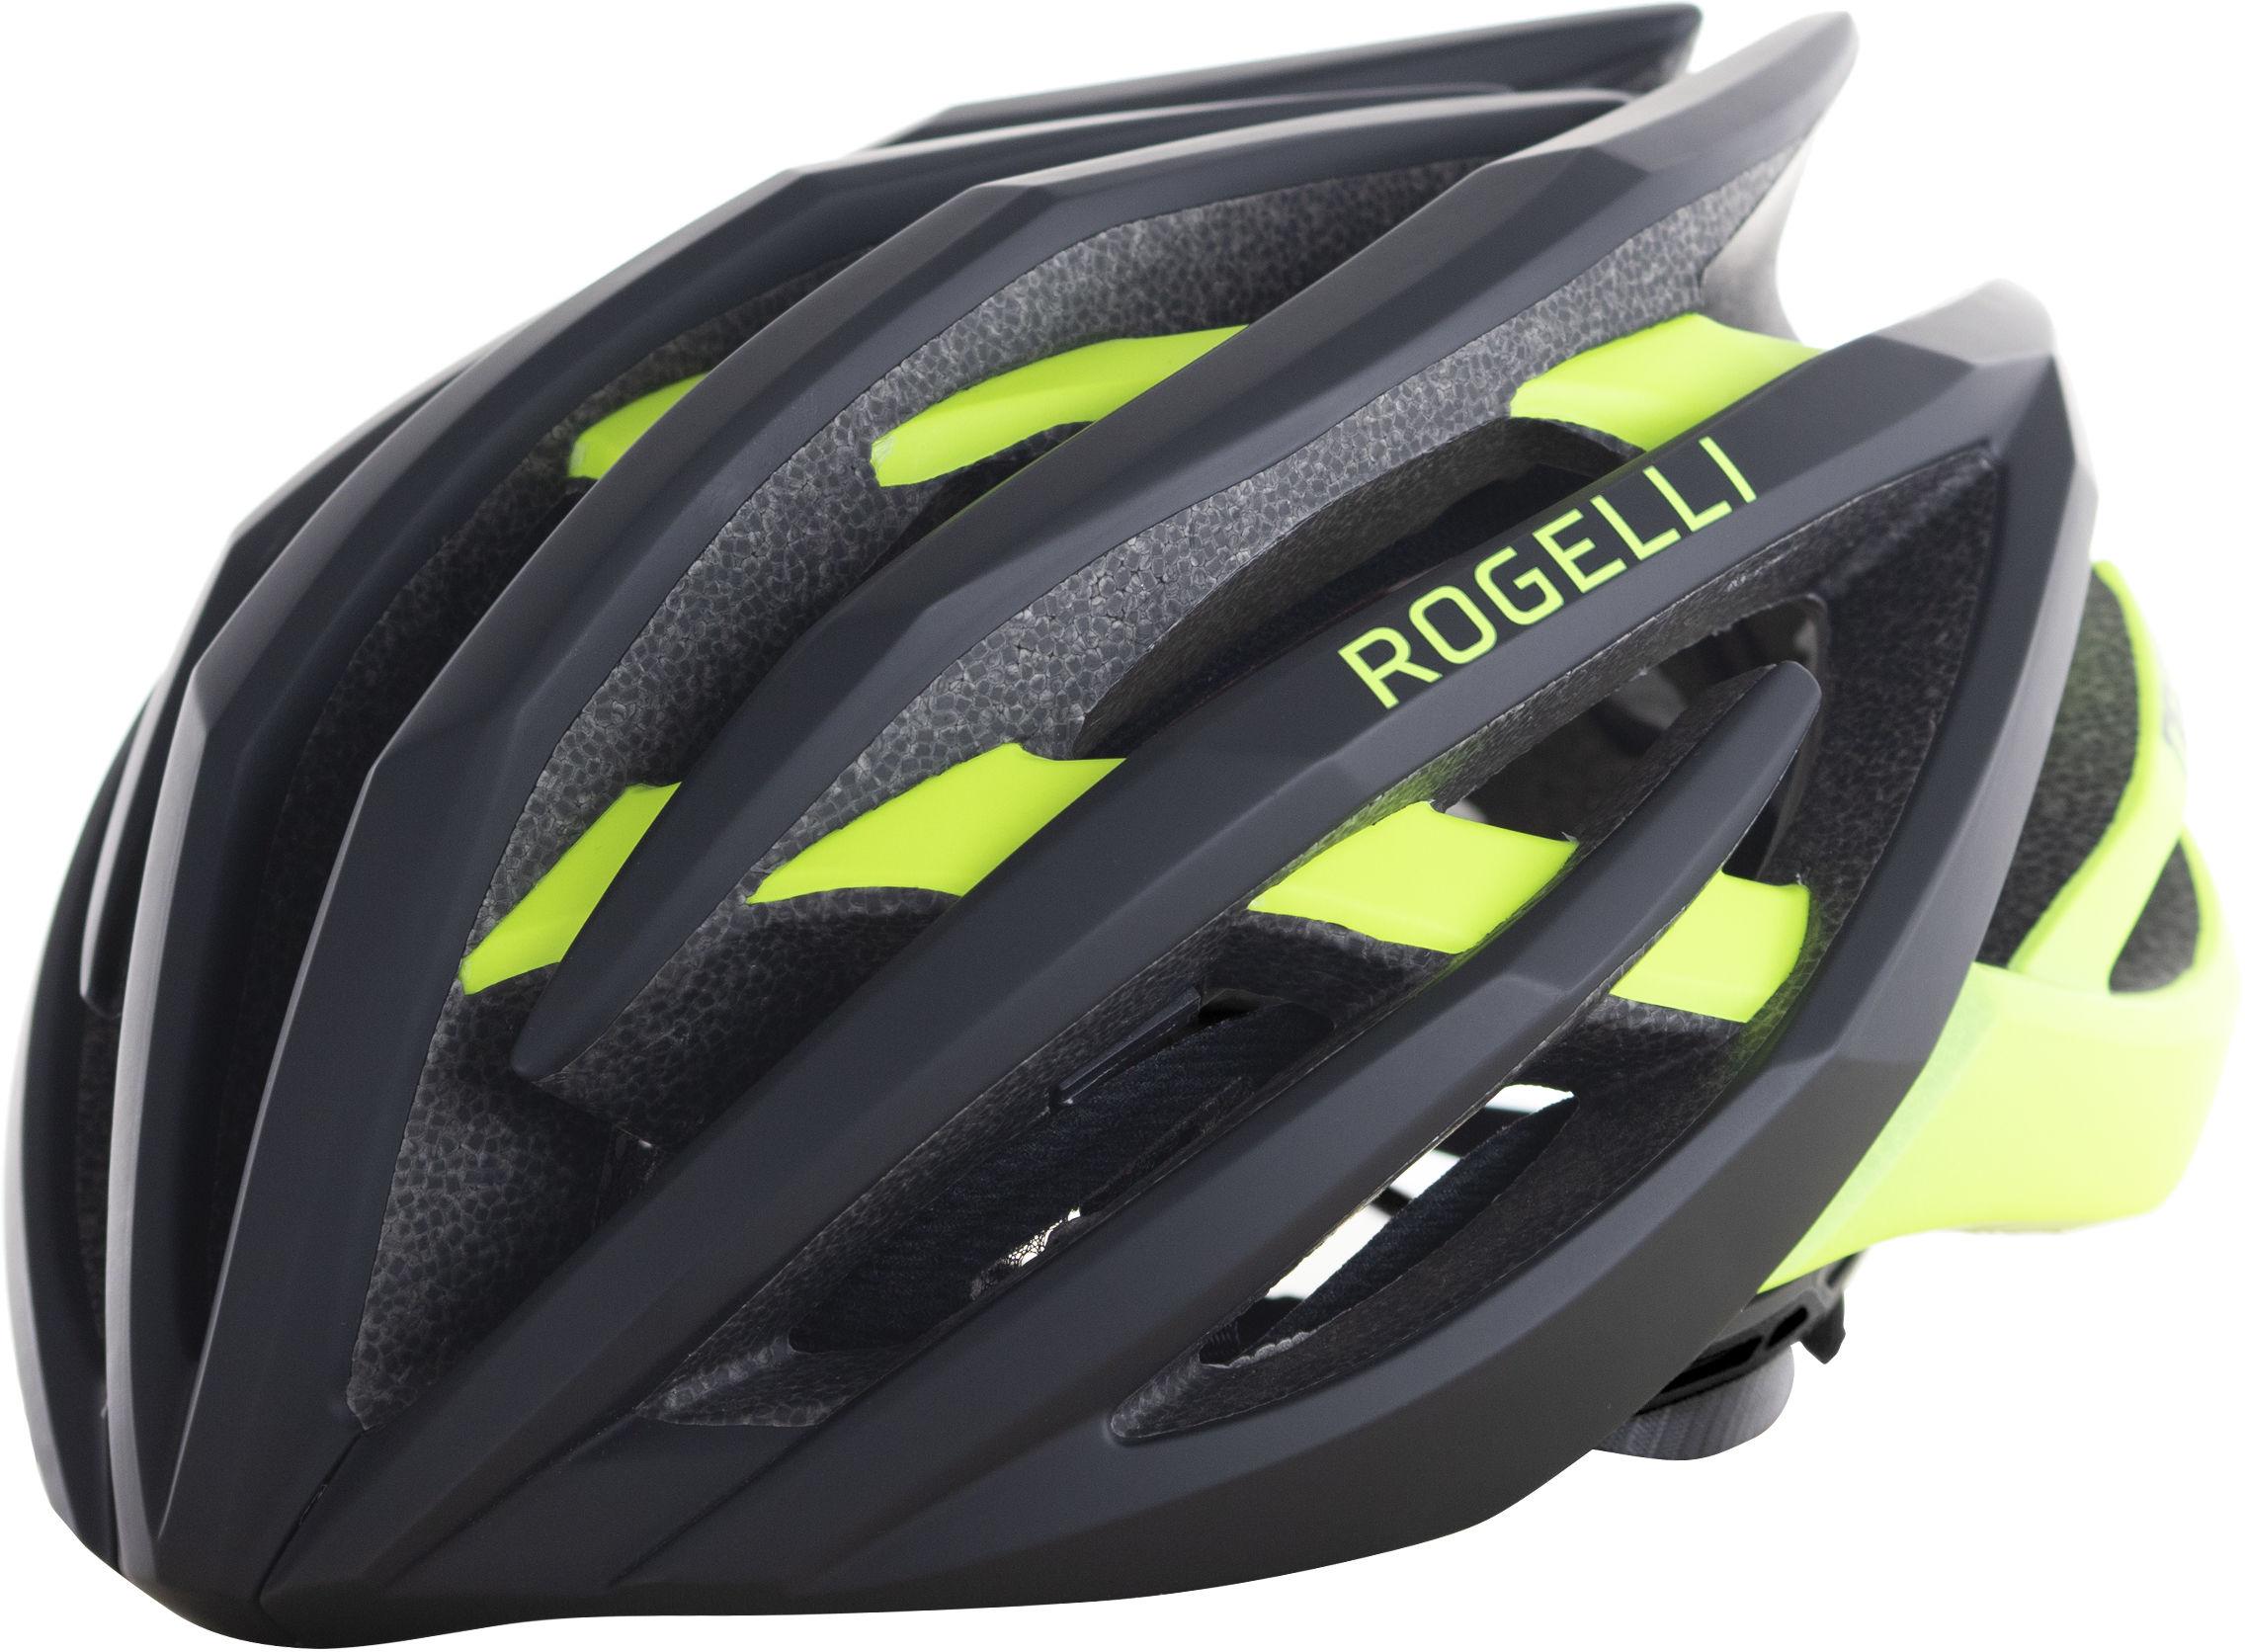 ROGELLI Tecta Kask rowerowy 009.812 Rozmiar: 54-58,Rogelli_009.812_kask